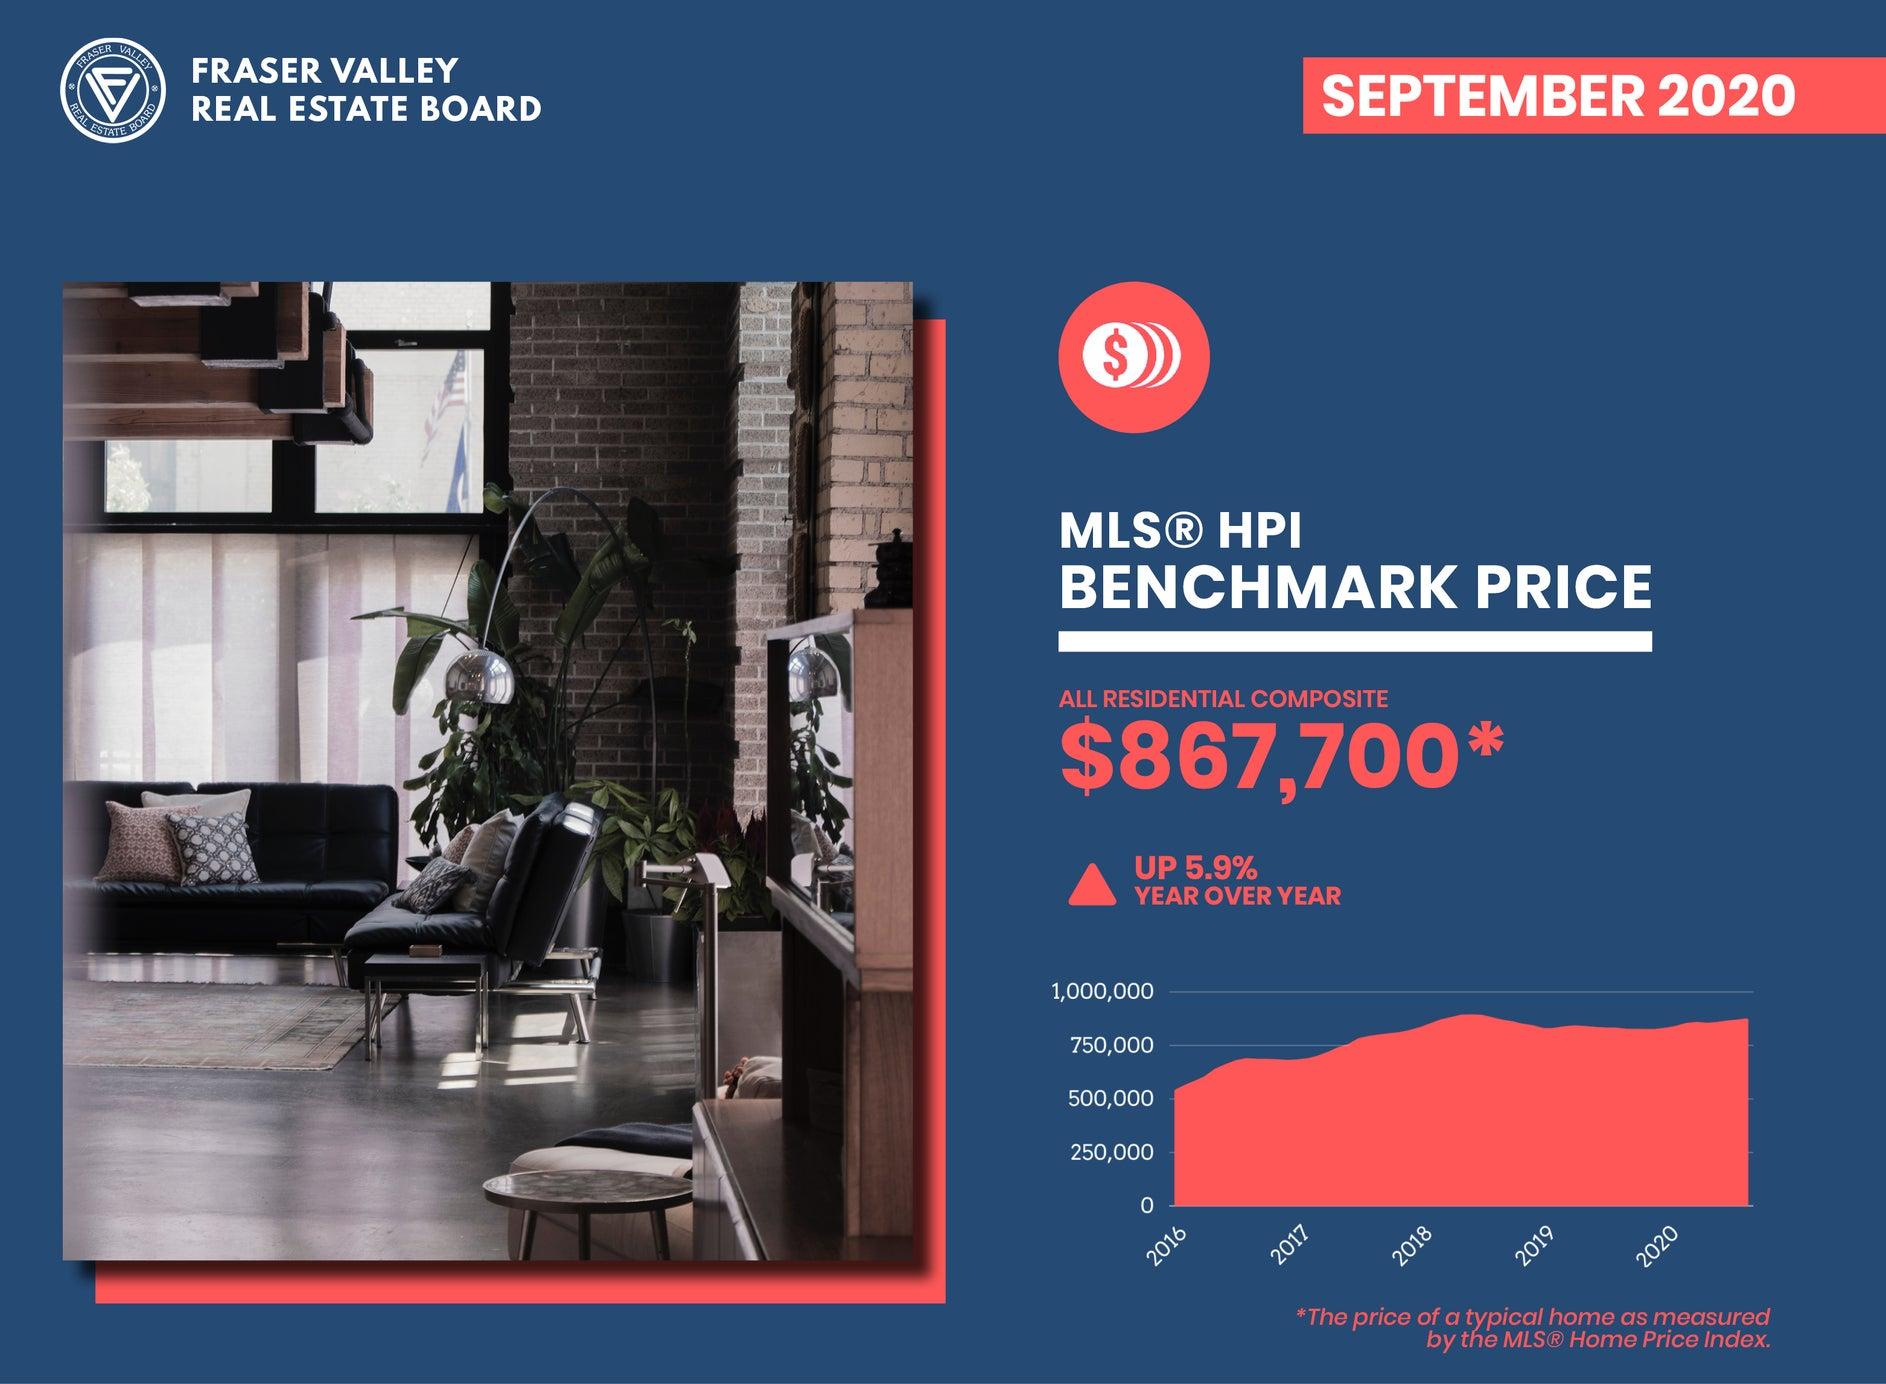 Fraser Valley Housing Market Report September 2020 – Benchmark Price